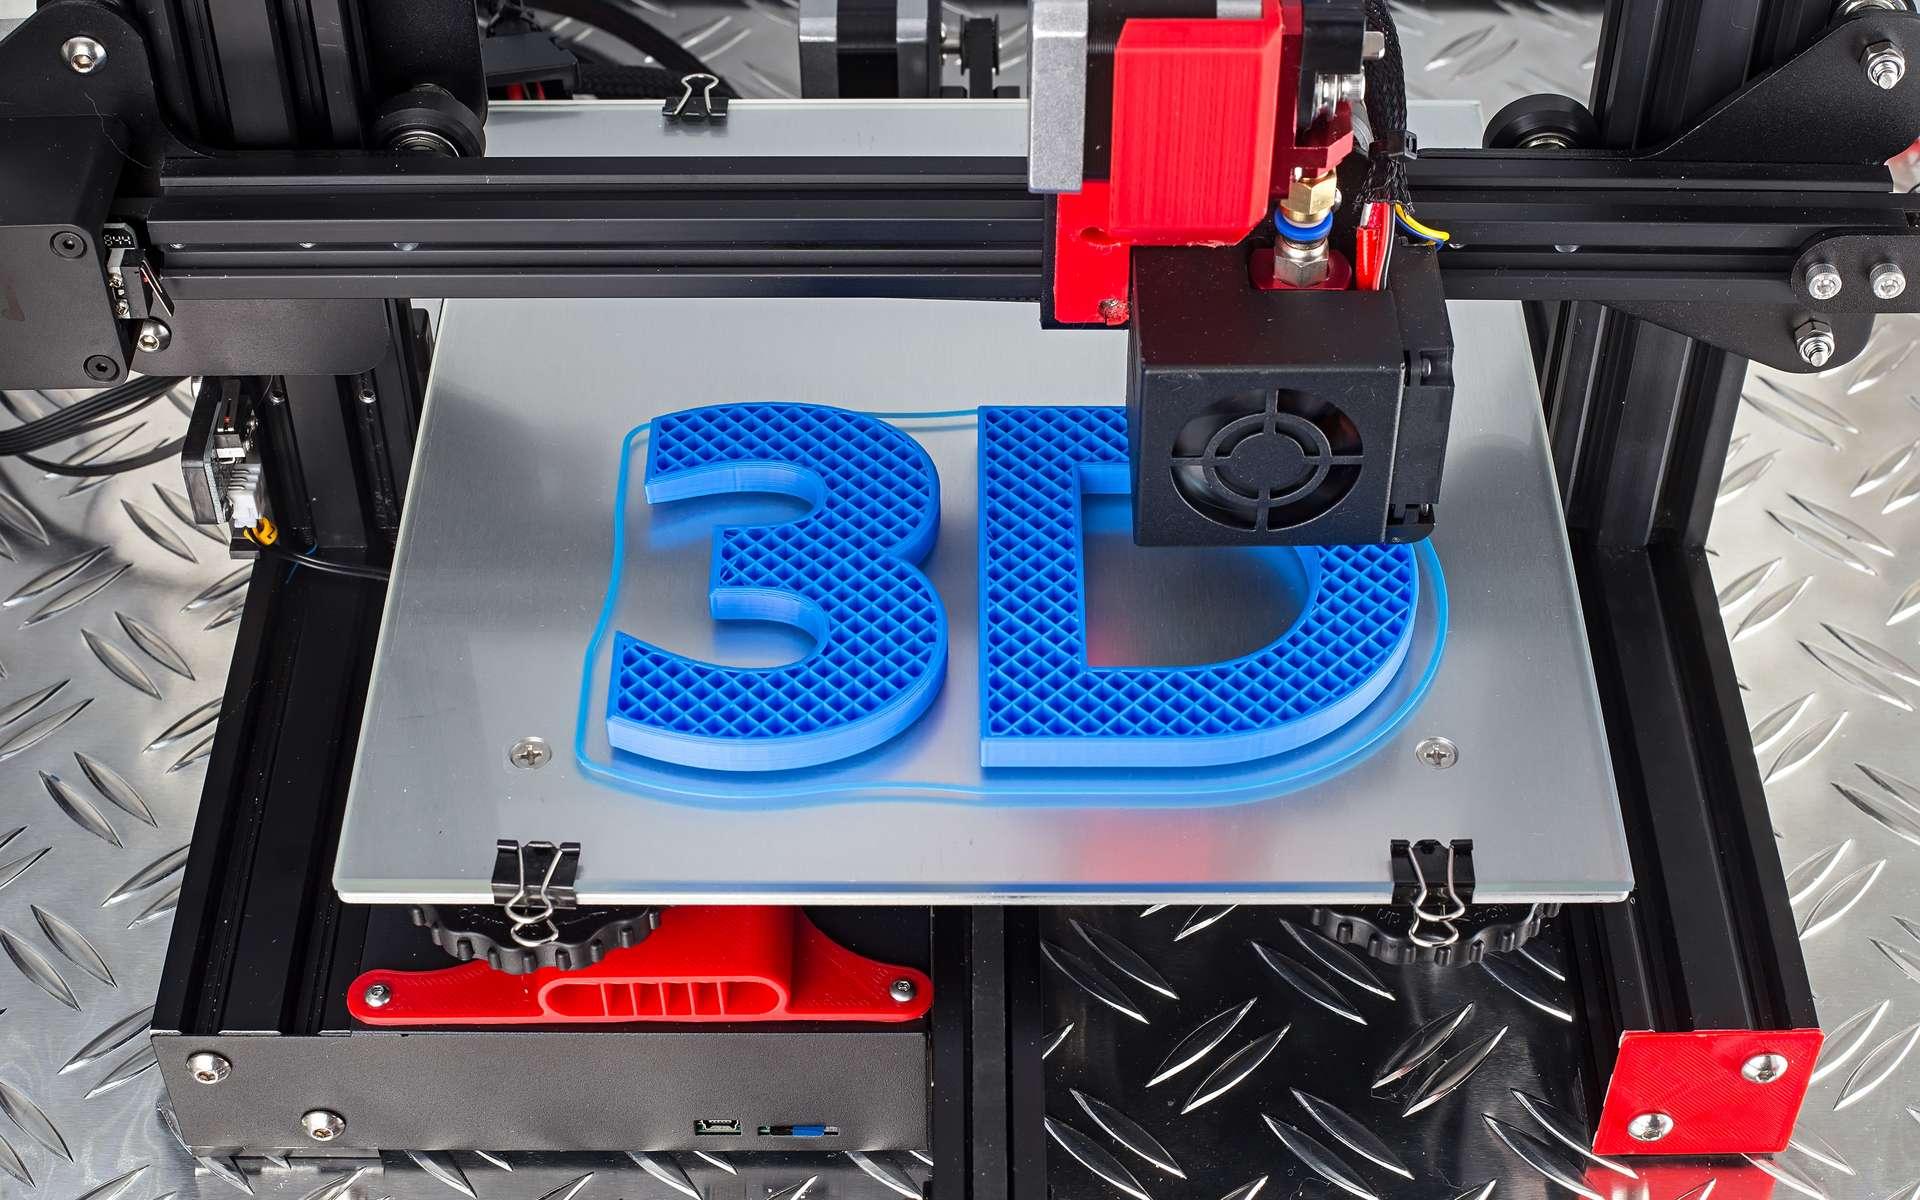 L'impression 3D, un secteur en plein essor. © stockphoto-graf, Adobe Stock